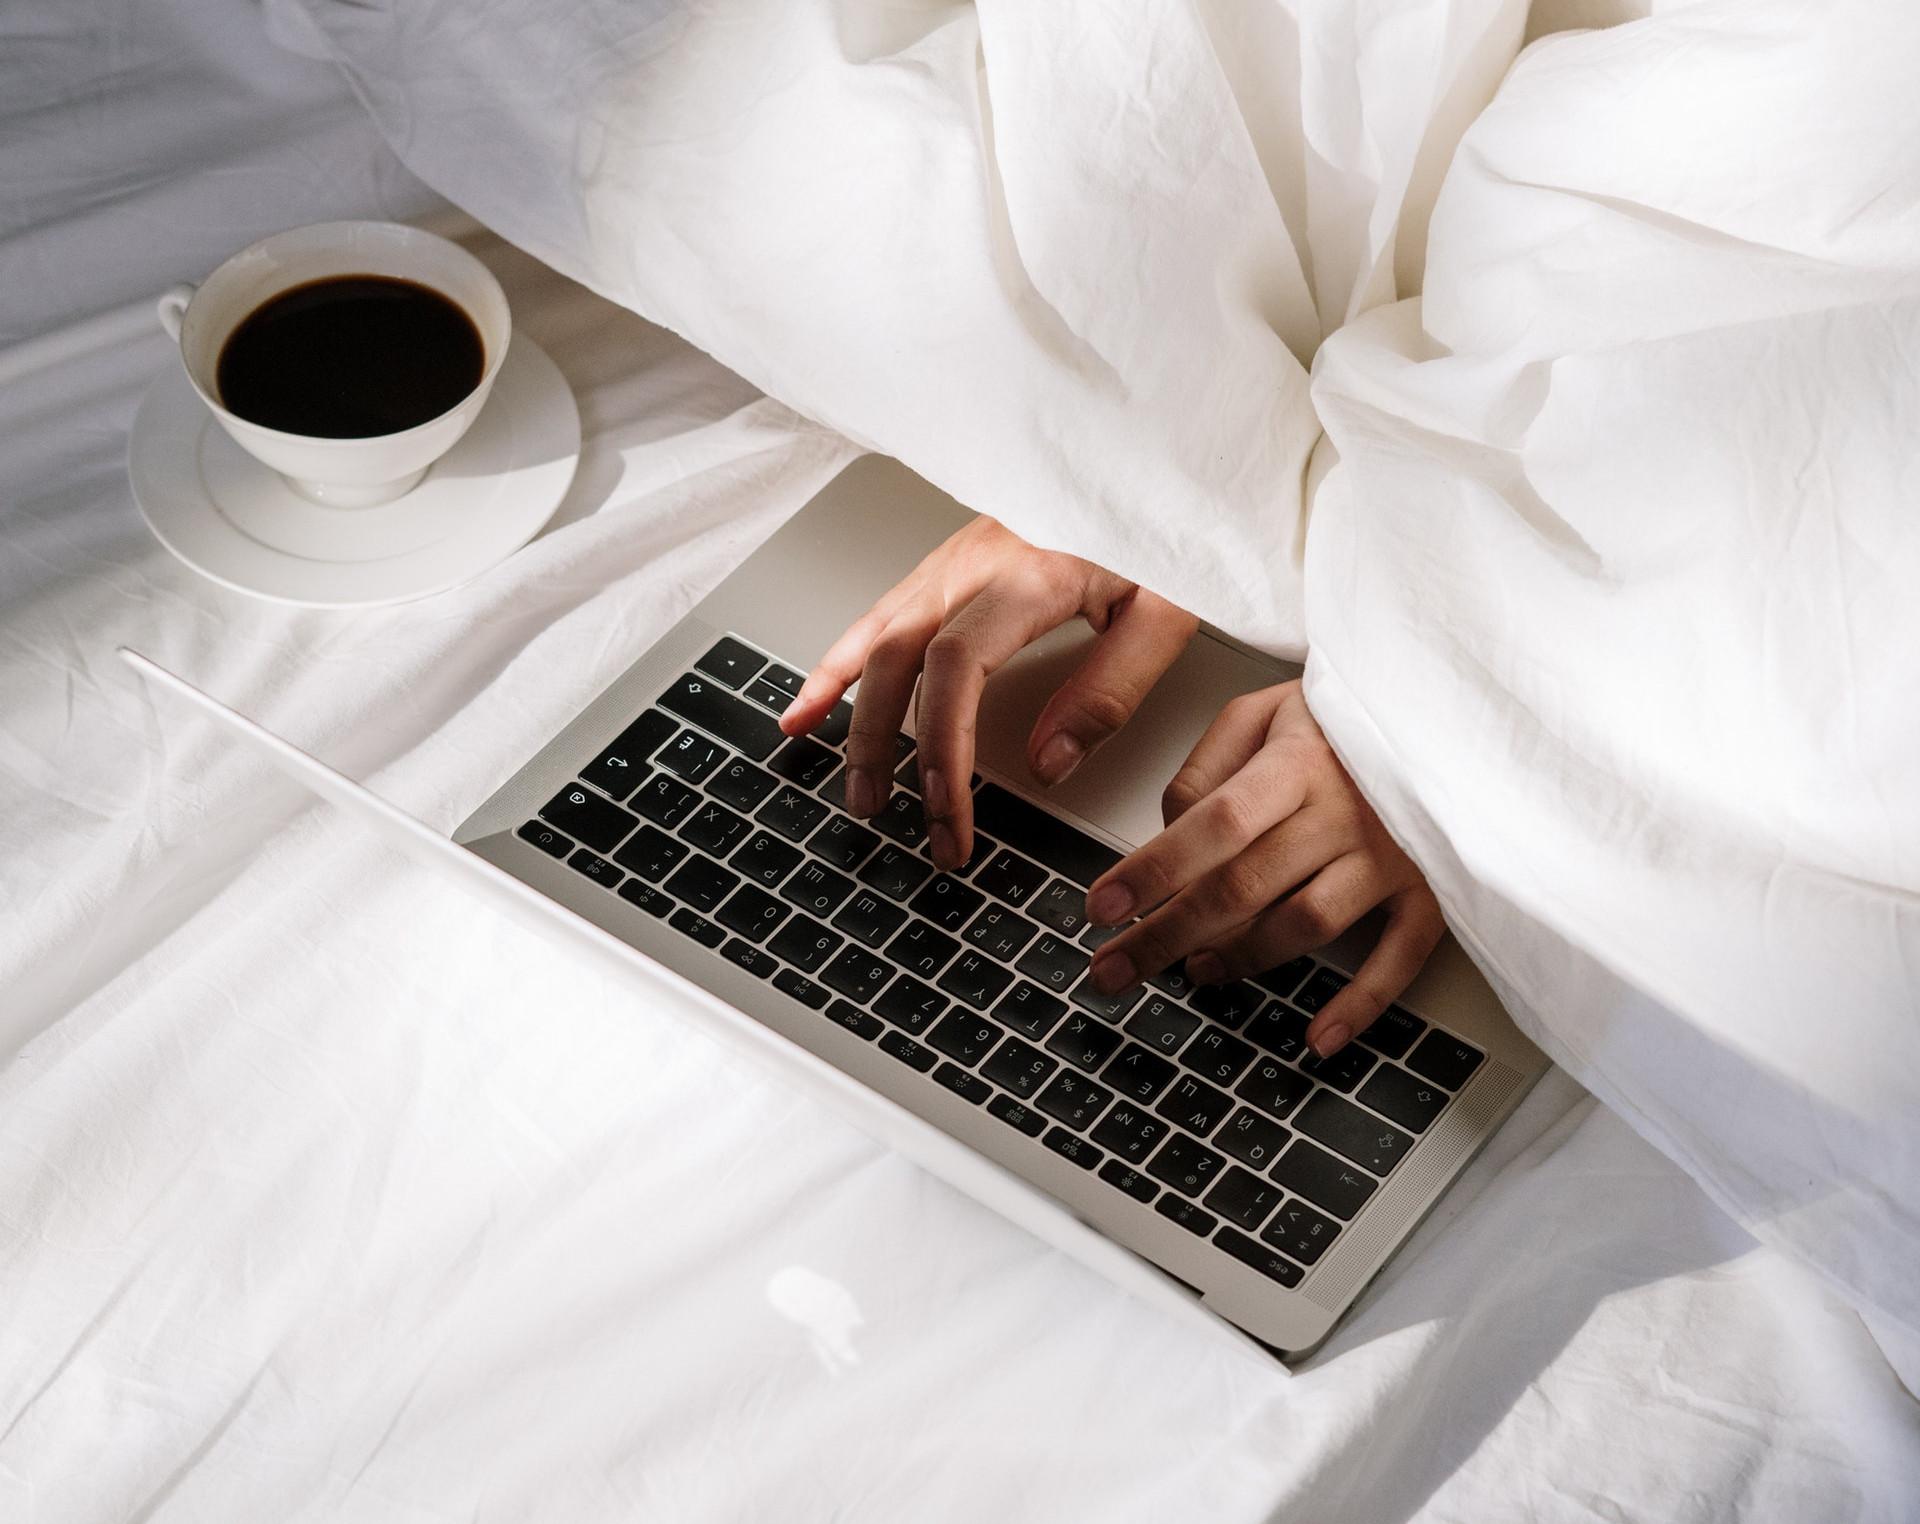 handen onder deken typen op toetsenbord